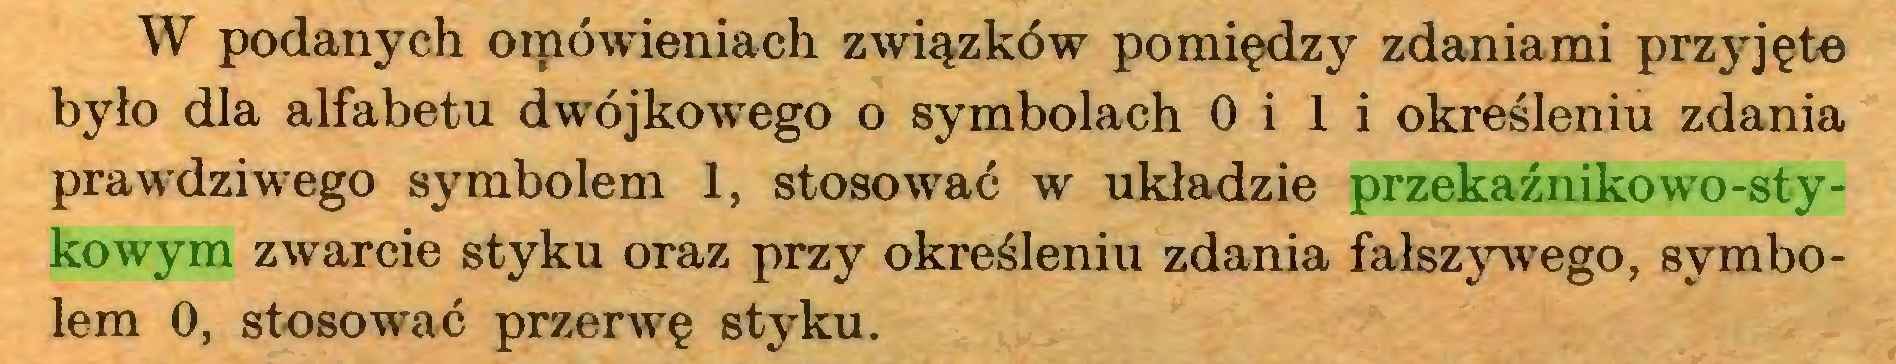 (...) W podanych oipówieniach związków pomiędzy zdaniami przyjęte było dla alfabetu dwójkowego o symbolach 0 i 1 i określeniu zdania prawdziwego symbolem 1, stosować w układzie przekaźnikowo-stykowym zwarcie styku oraz przy określeniu zdania fałszywego, symbolem 0, stosować przerwę styku...